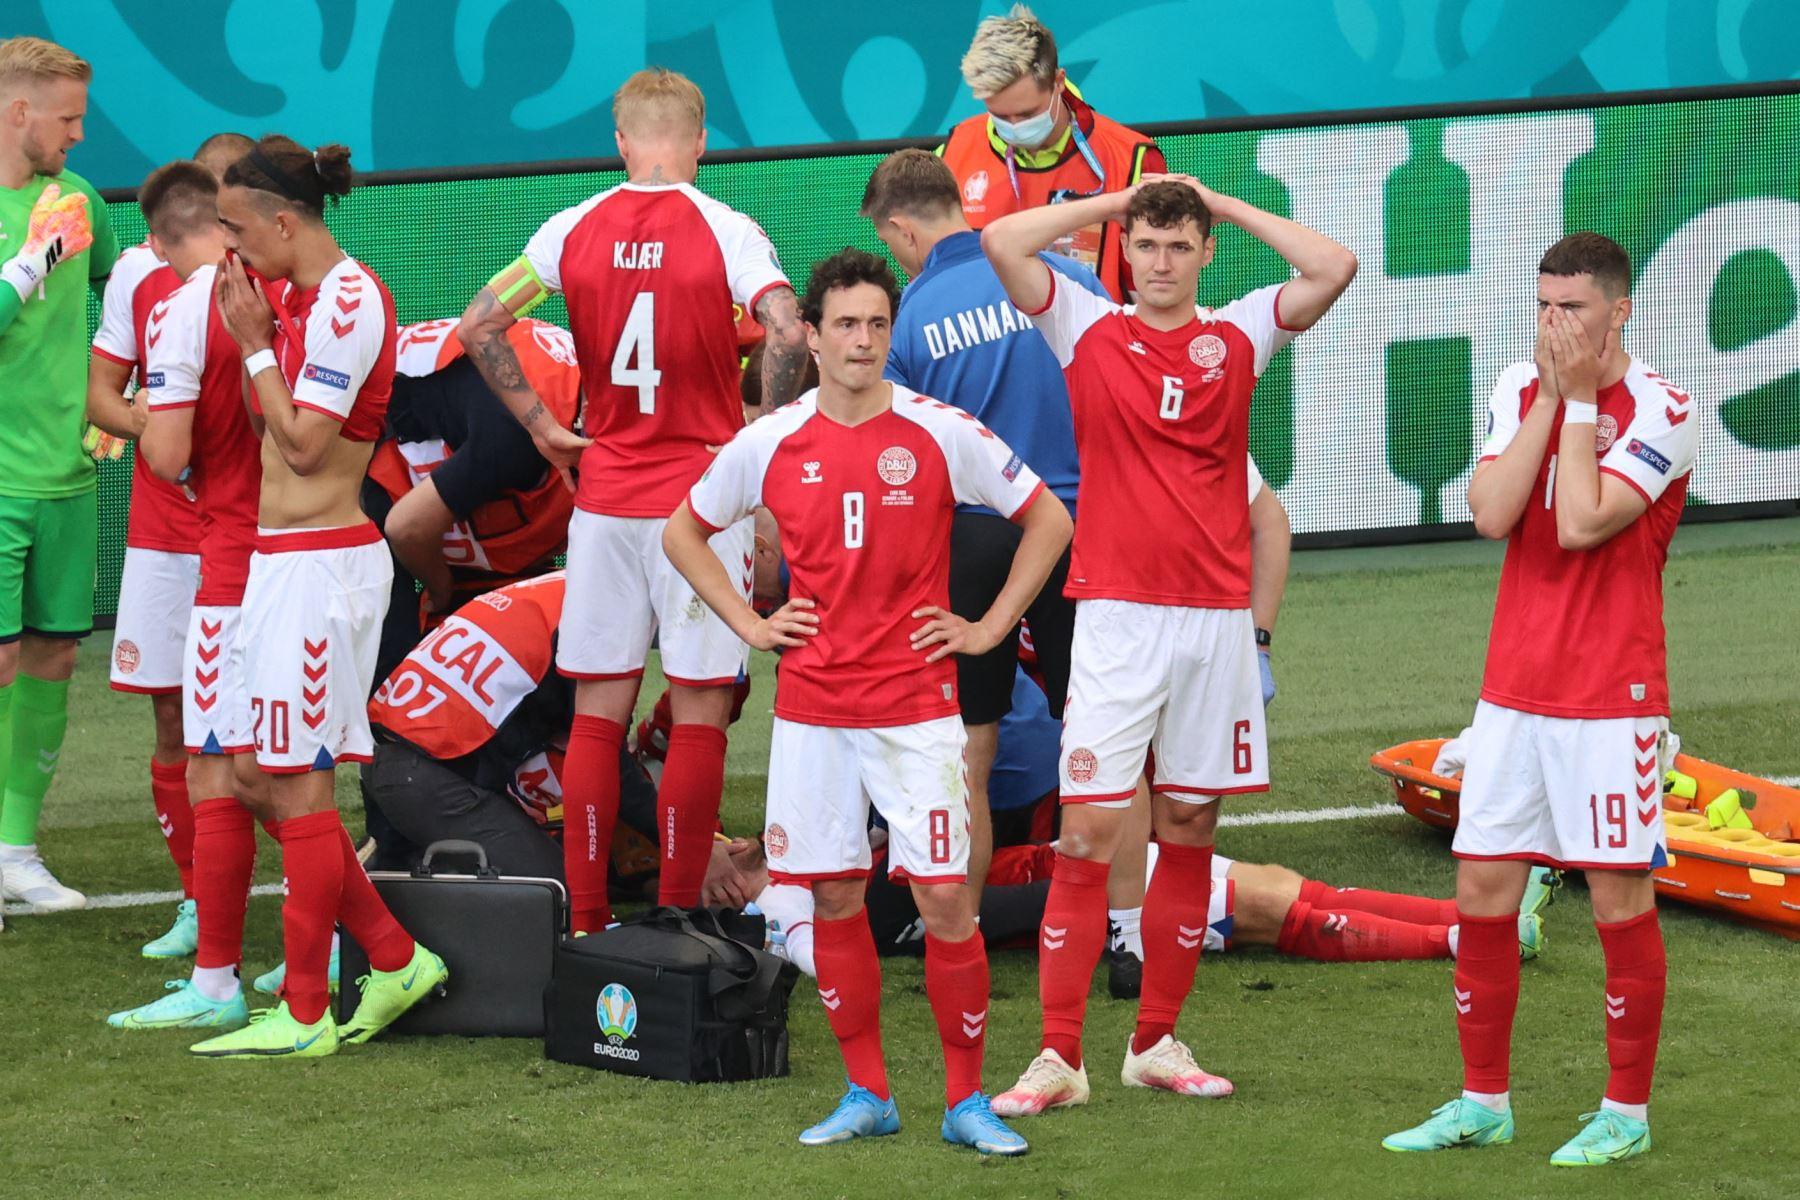 Los jugadores de Dinamarca reaccionan cuando los paramédicos atienden al mediocampista danés Christian Eriksen después de que se derrumbó en el campo durante el partido de fútbol del Grupo B de la UEFA EURO 2020 entre Dinamarca y Finlandia. Foto: AFP